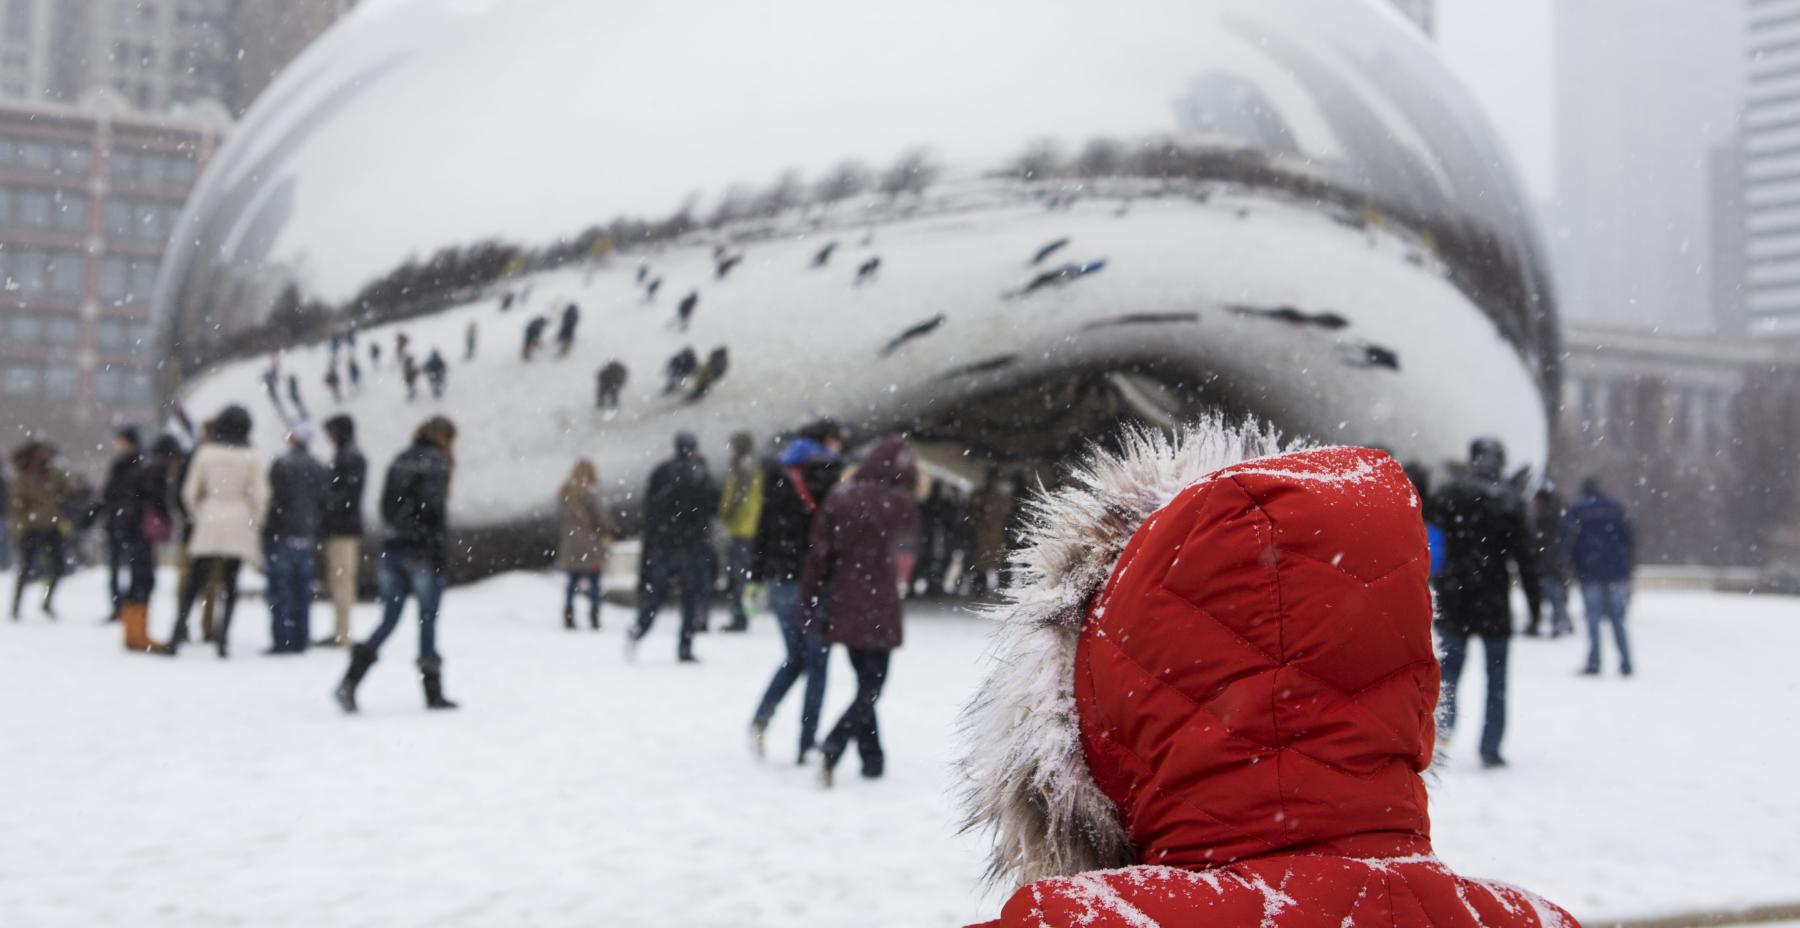 A snowy Bean in Millennium Park in winter